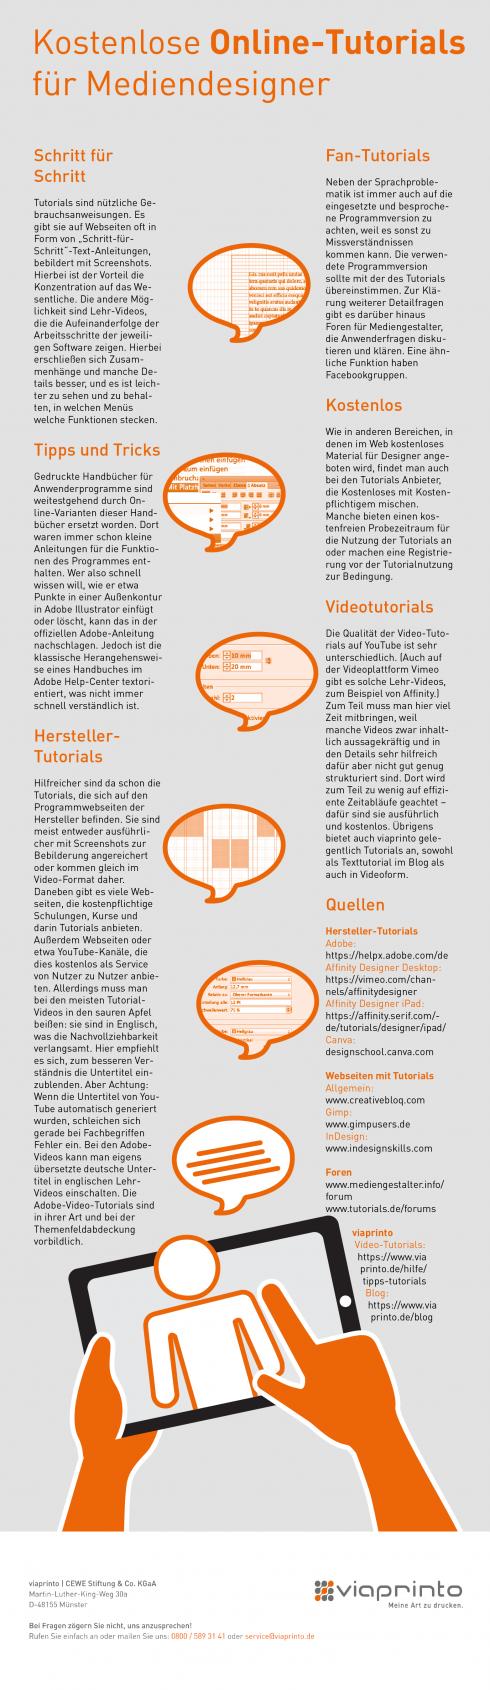 Online-Tutorials für Mediendesigner